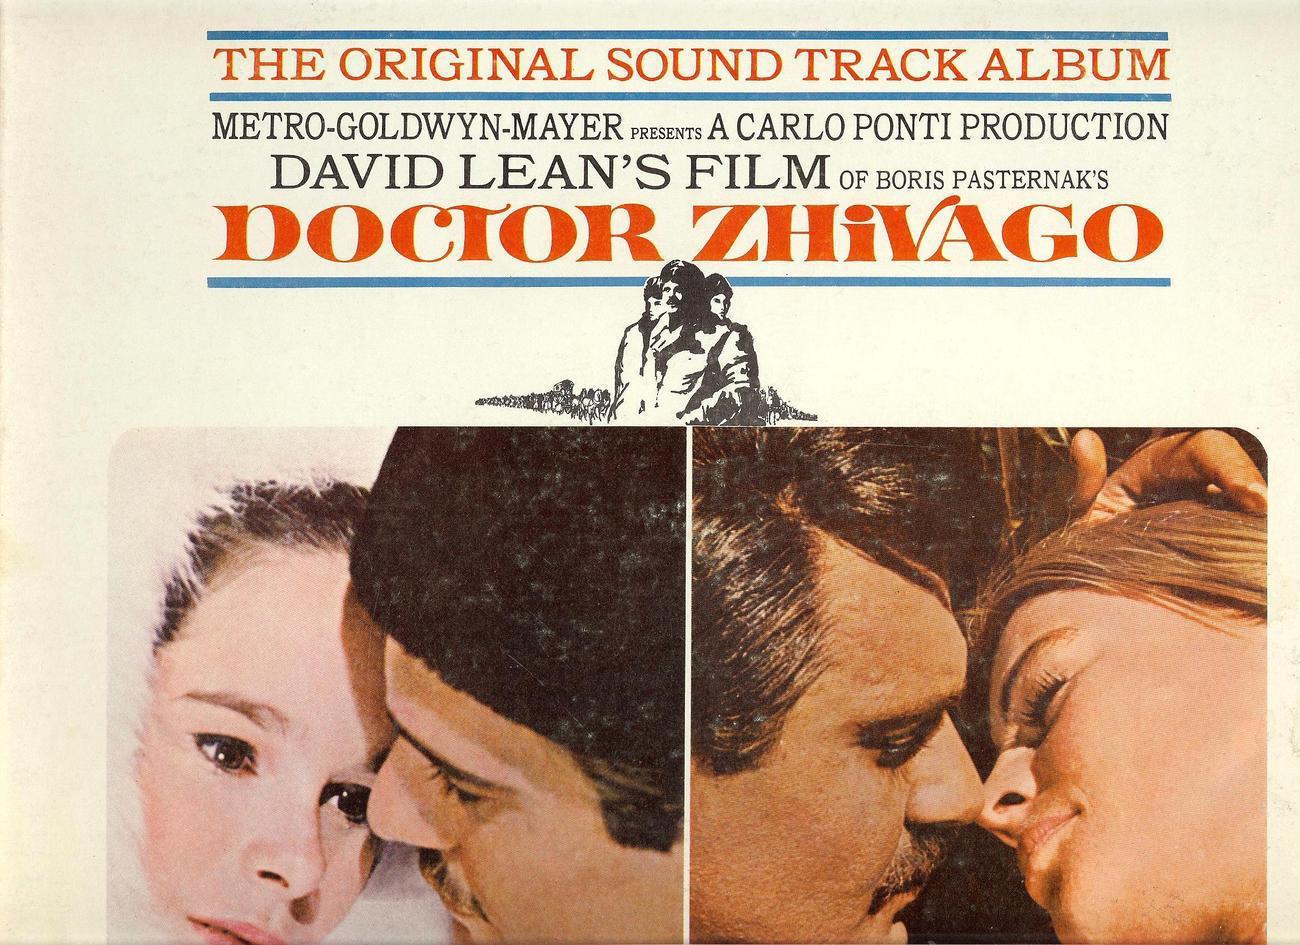 DOCTOR SHIVAGO,THE ORIGINAL SOUND TRACK ALBUM, 1966, MGM